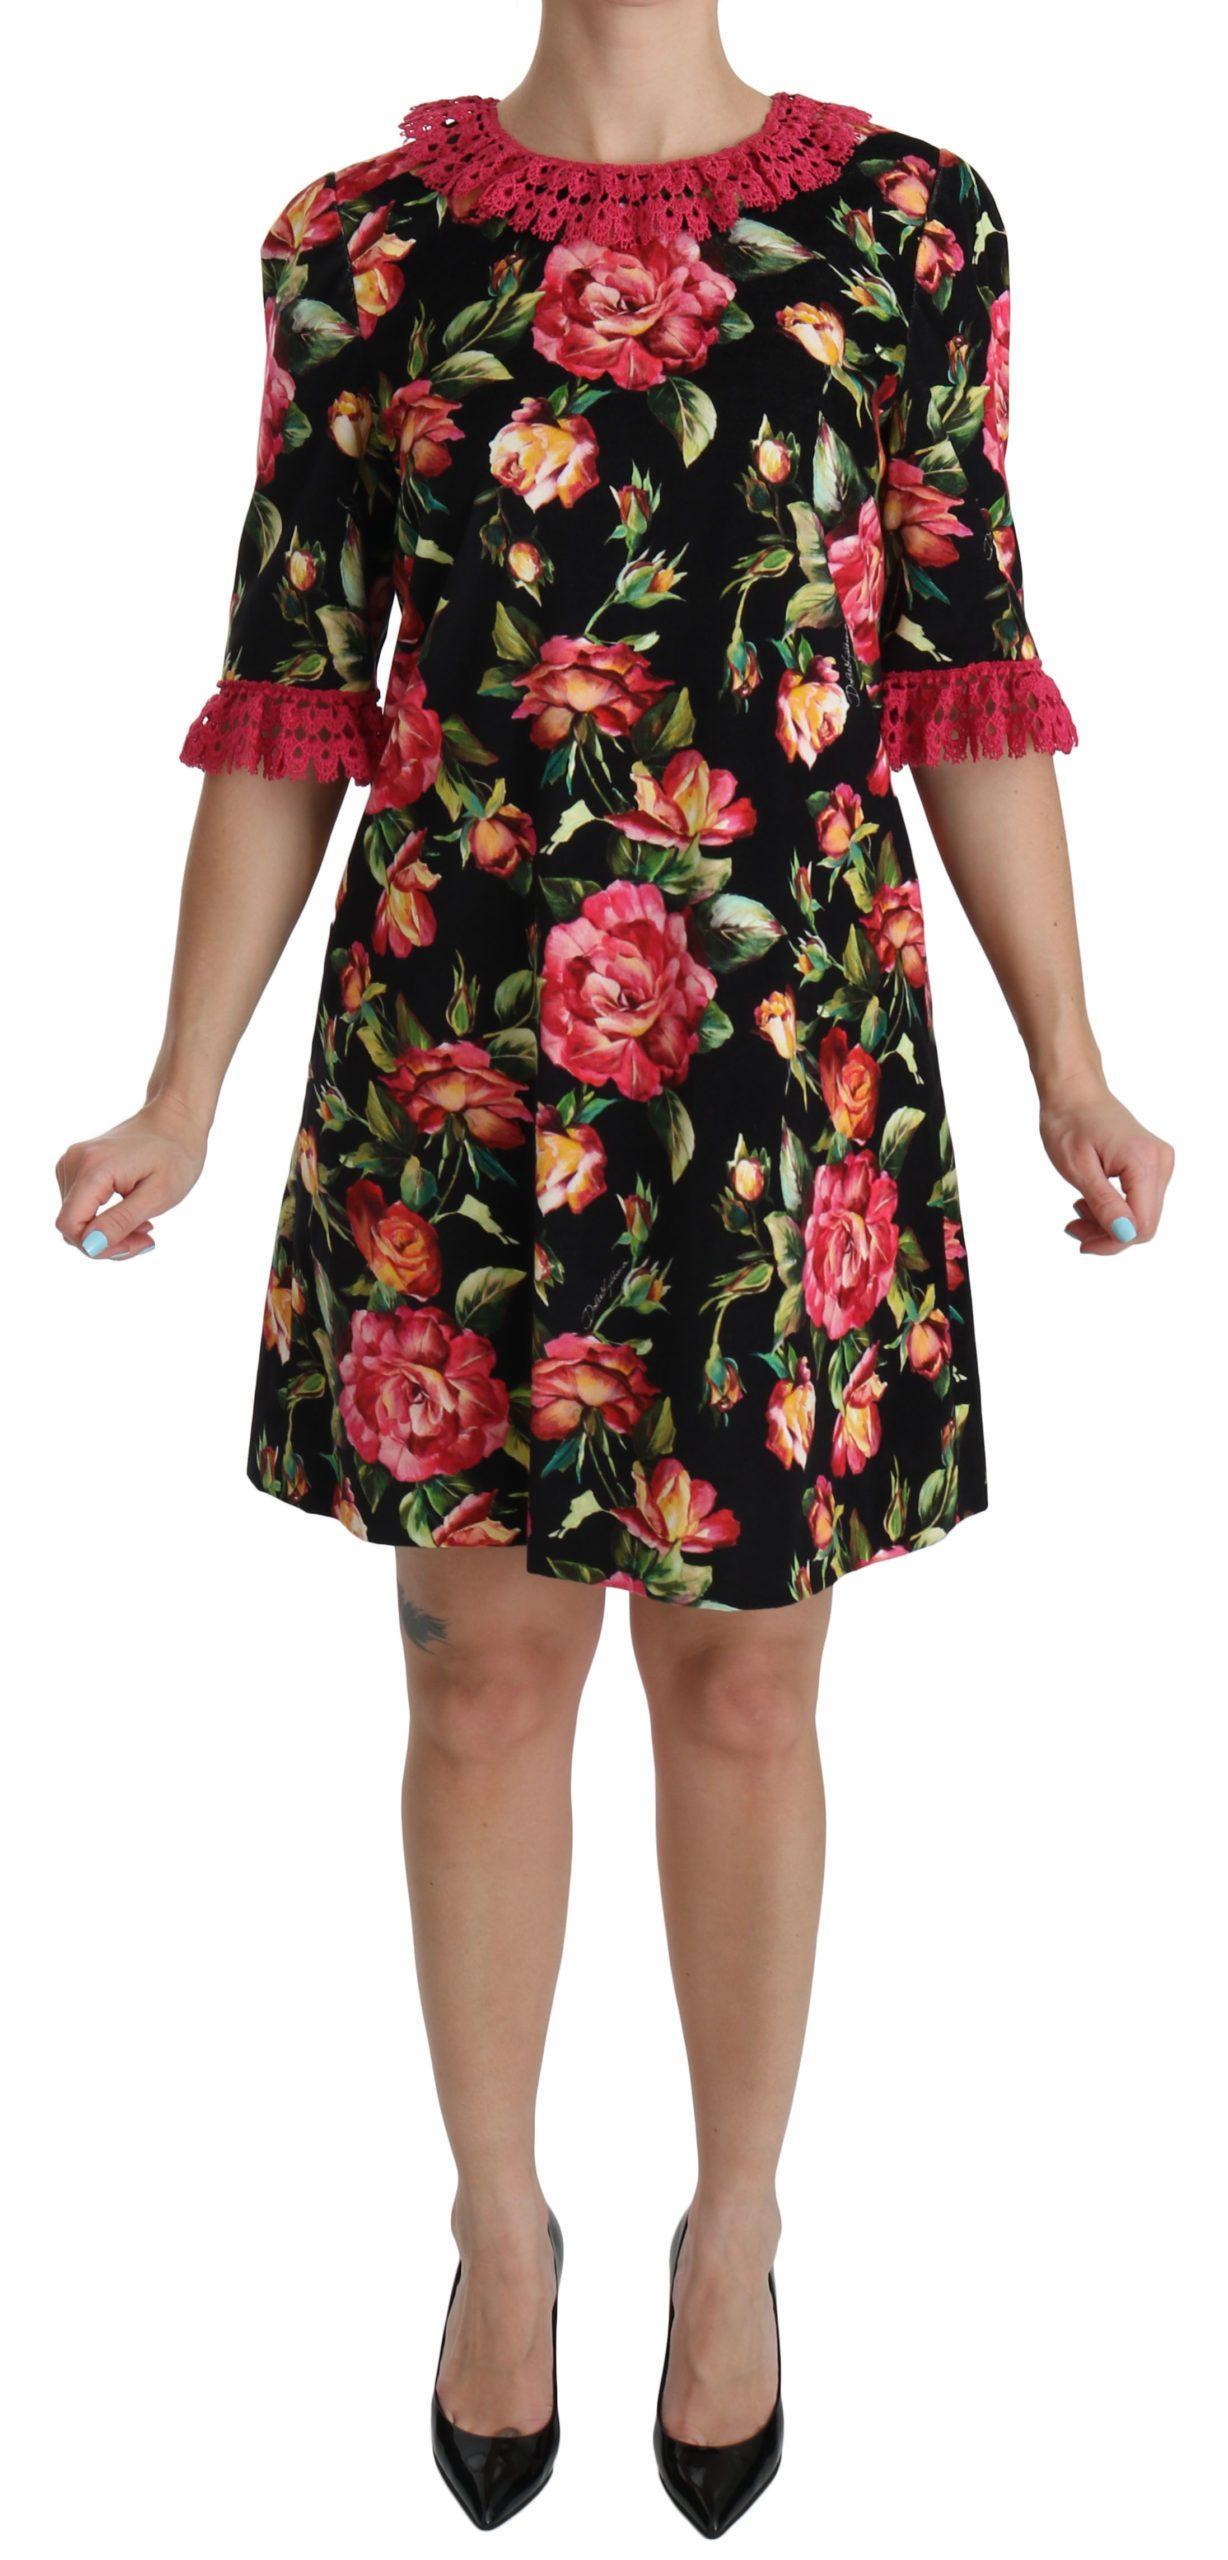 Dolce & Gabbana Women's Floral Roses Cotton Shift Dress Multicolor DR2044 - IT46|XL